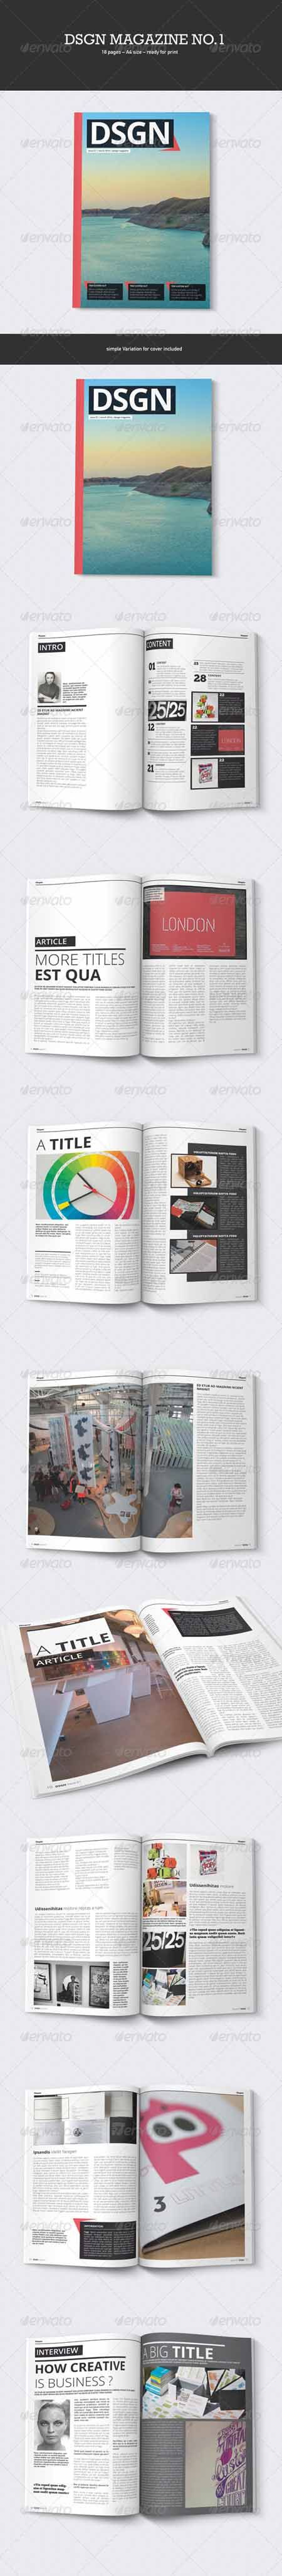 Graphicriver - DSGN Design Magazine No.1